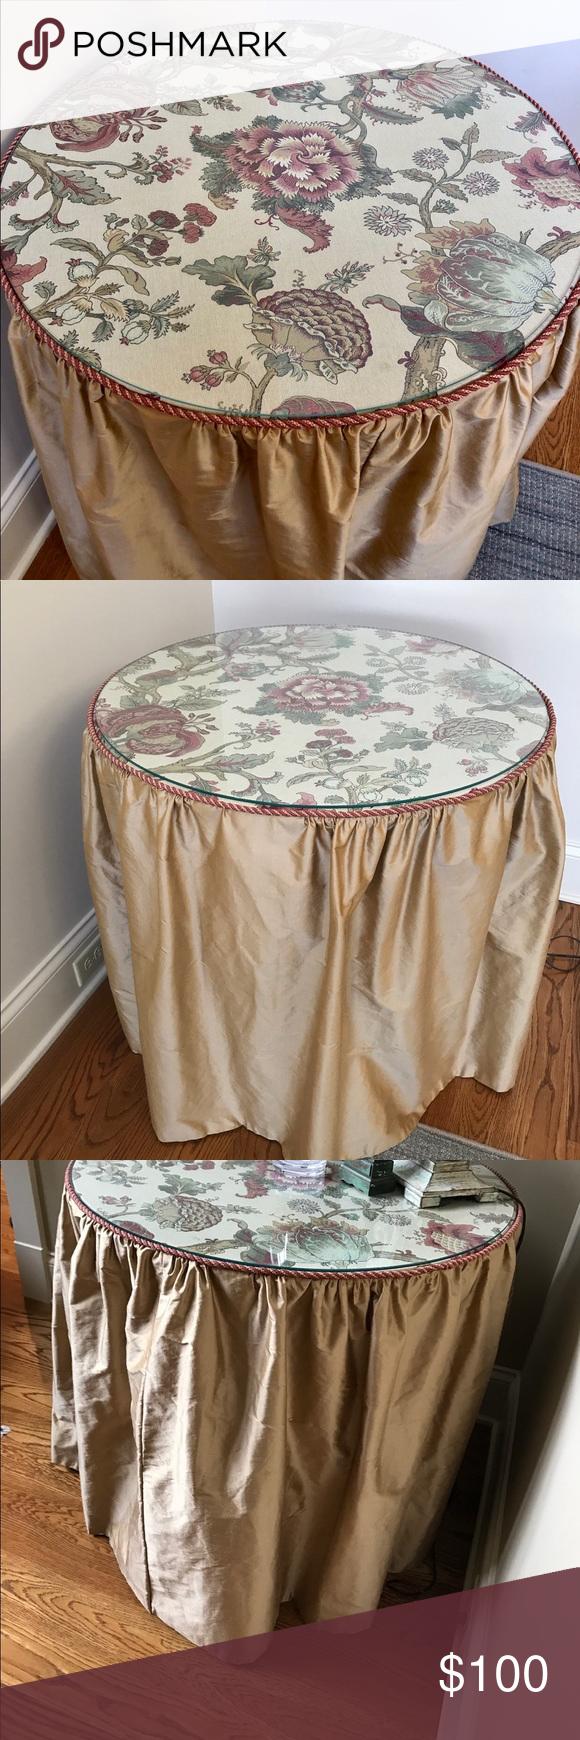 Photo of Kundenspezifischer Seidenrock für 30-Zoll-Tisch Kundenspezifischer Stoffrock für einen 30-Zoll-Tisch. …